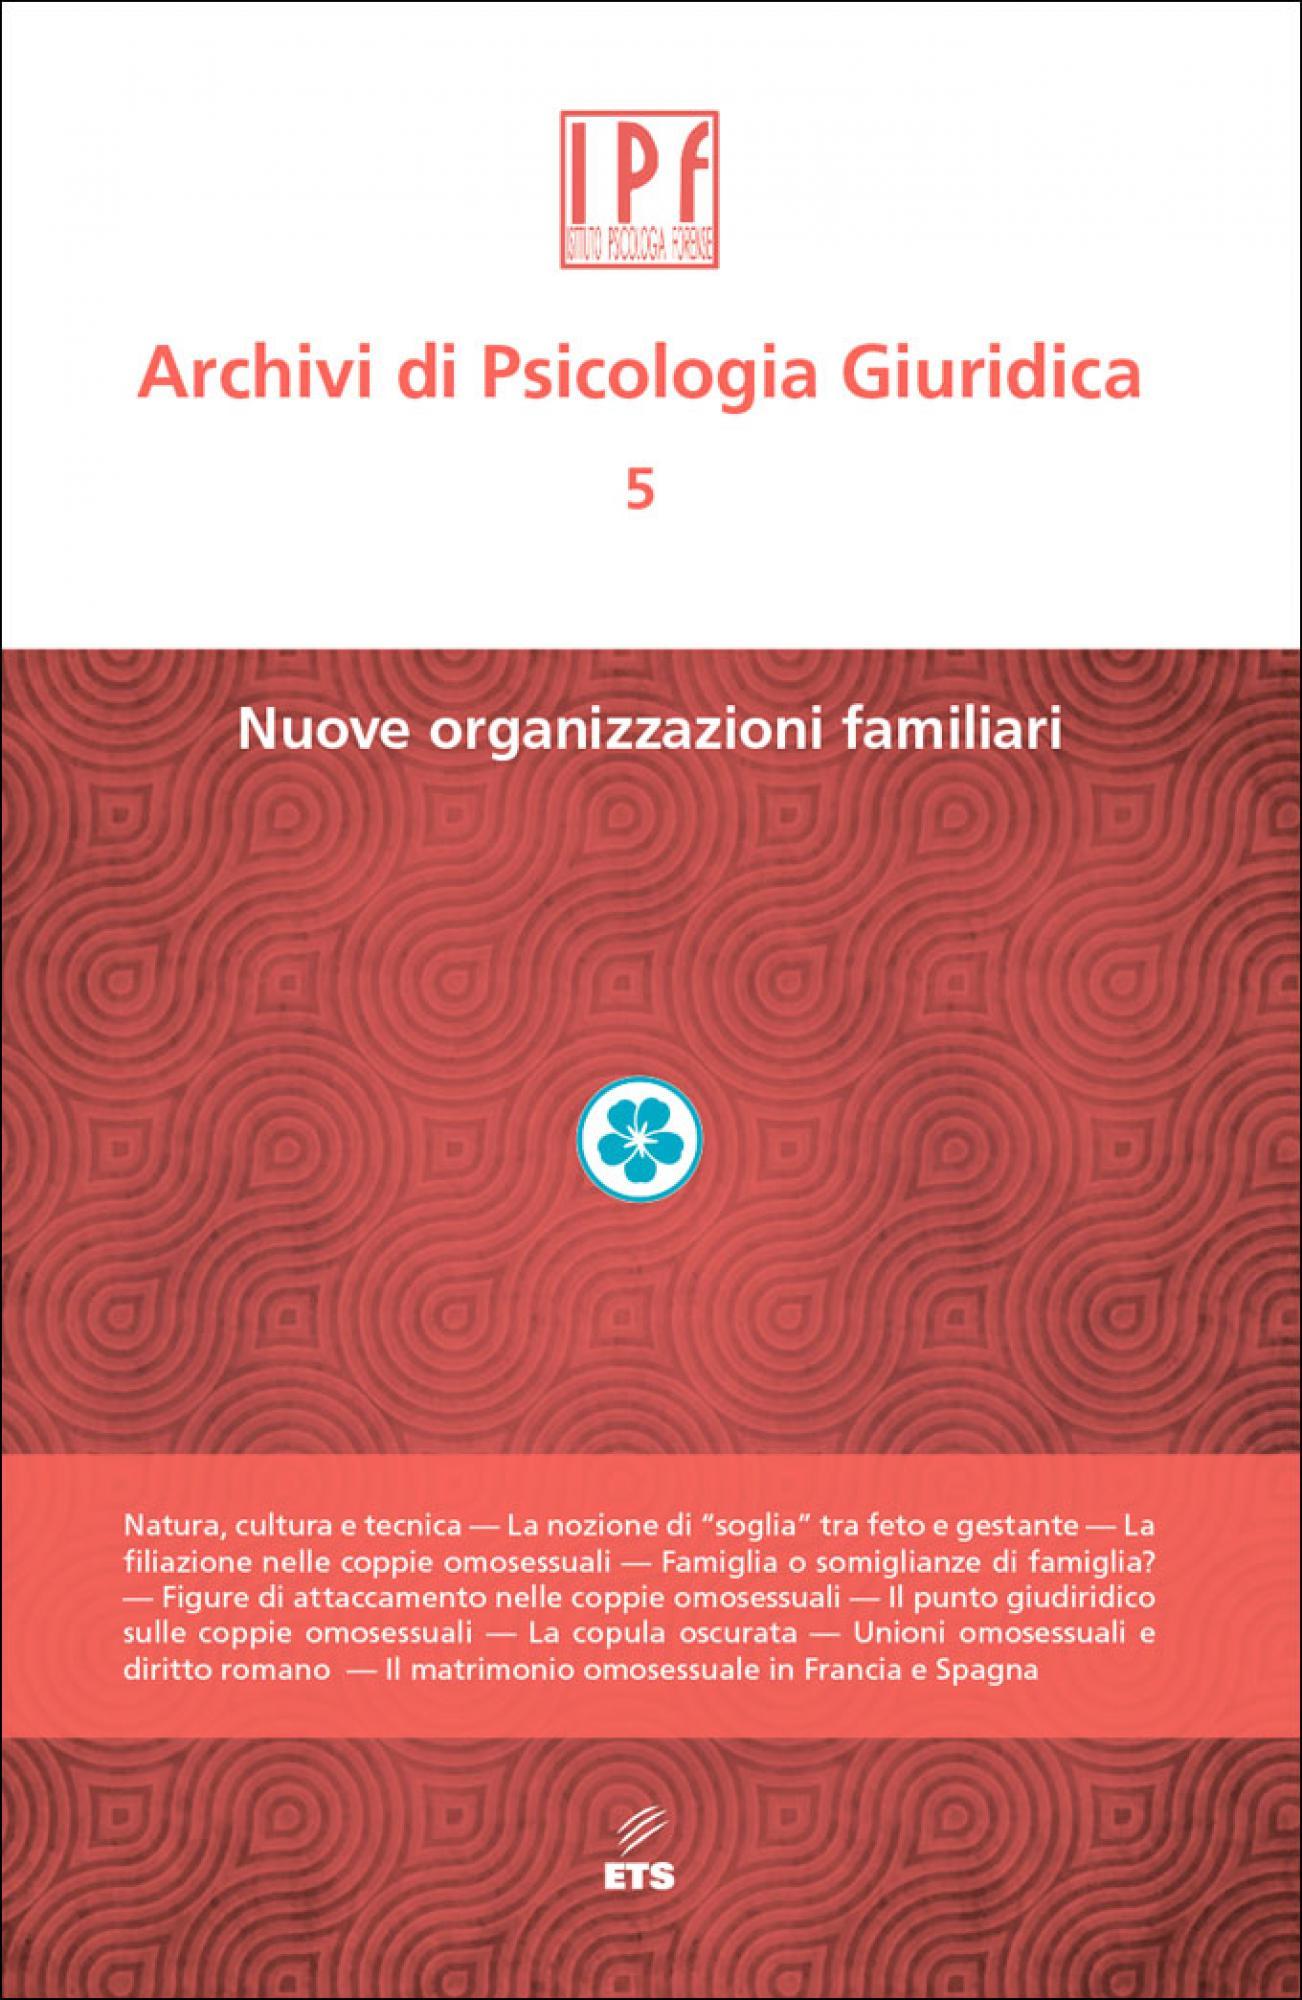 Archivi di Psicologia Giuridica – 5.Nuove organizzazioni familiari